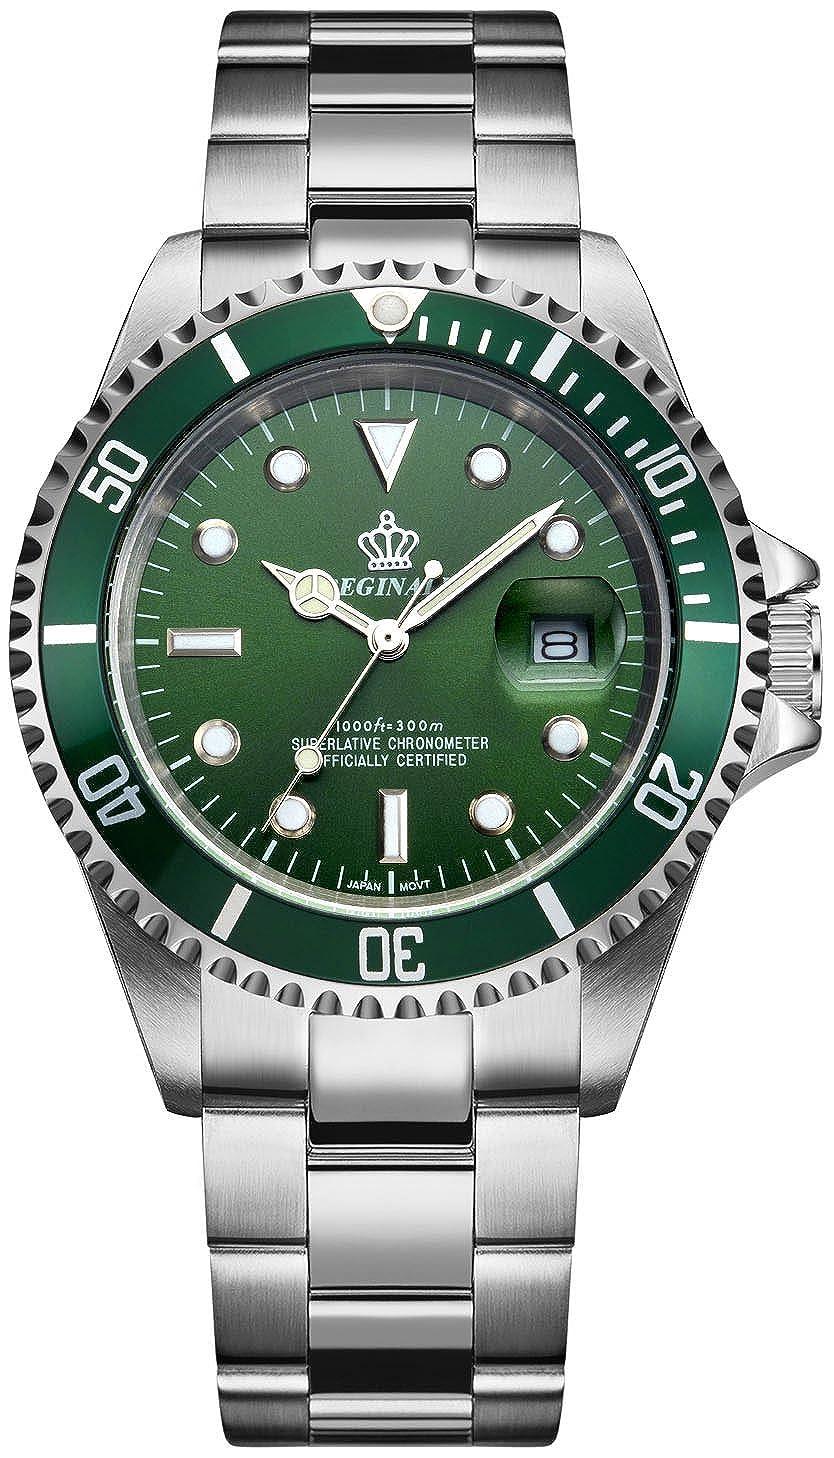 Fanmis, relojes para hombre y mujer de cuarzo, con índices luminosos, cristal de zafiro, bisel rotatorio y esfera verde: Amazon.es: Relojes